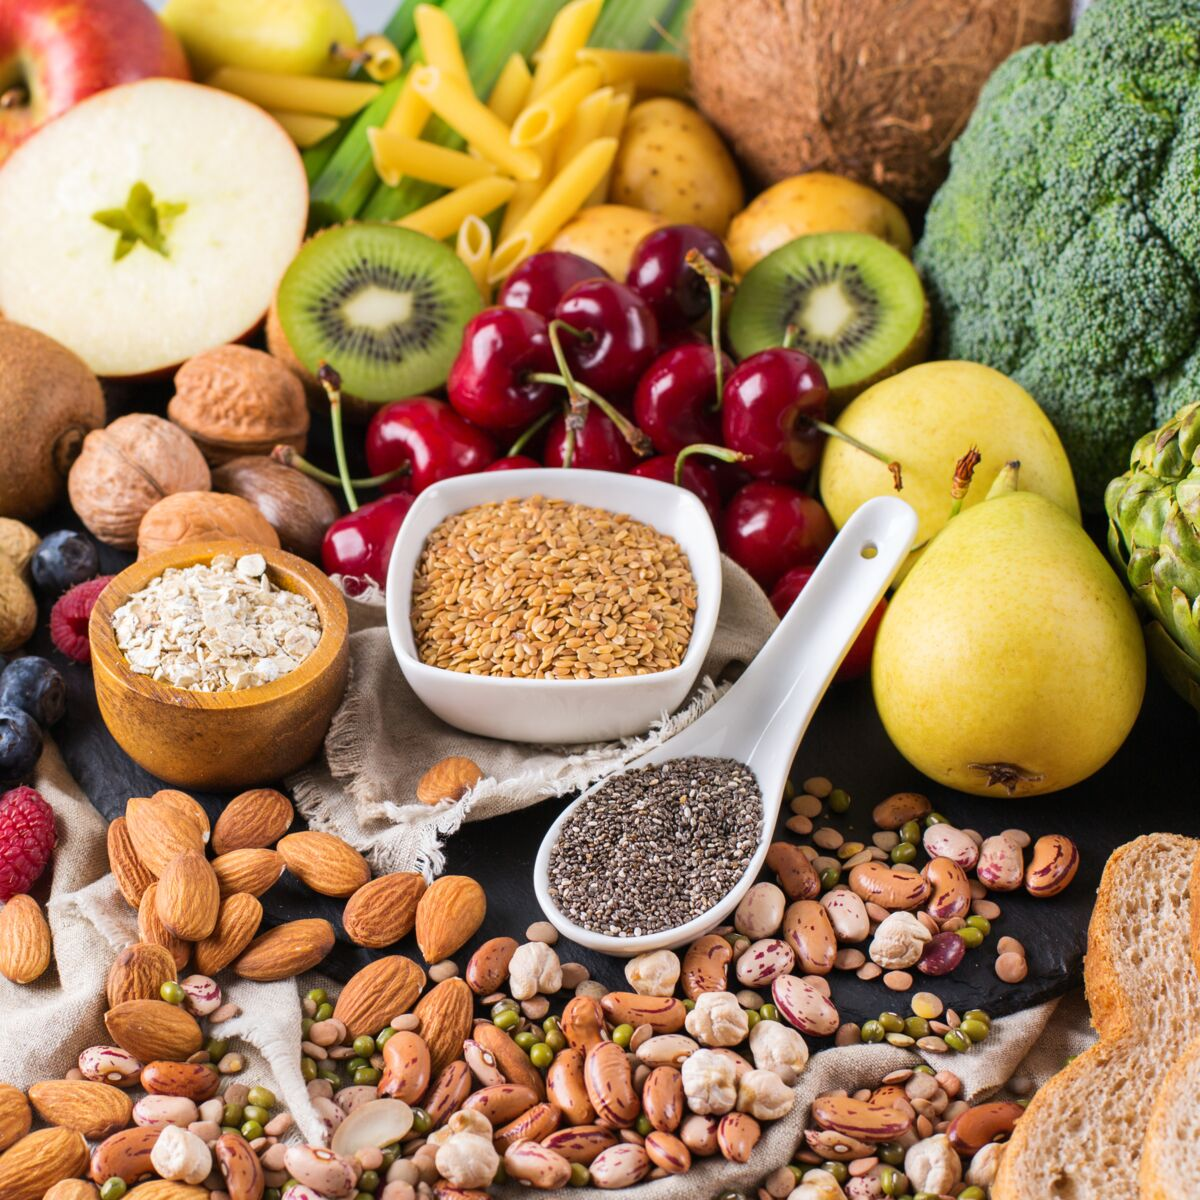 20 aliments riches en fibres solubles : Femme Actuelle Le MAG